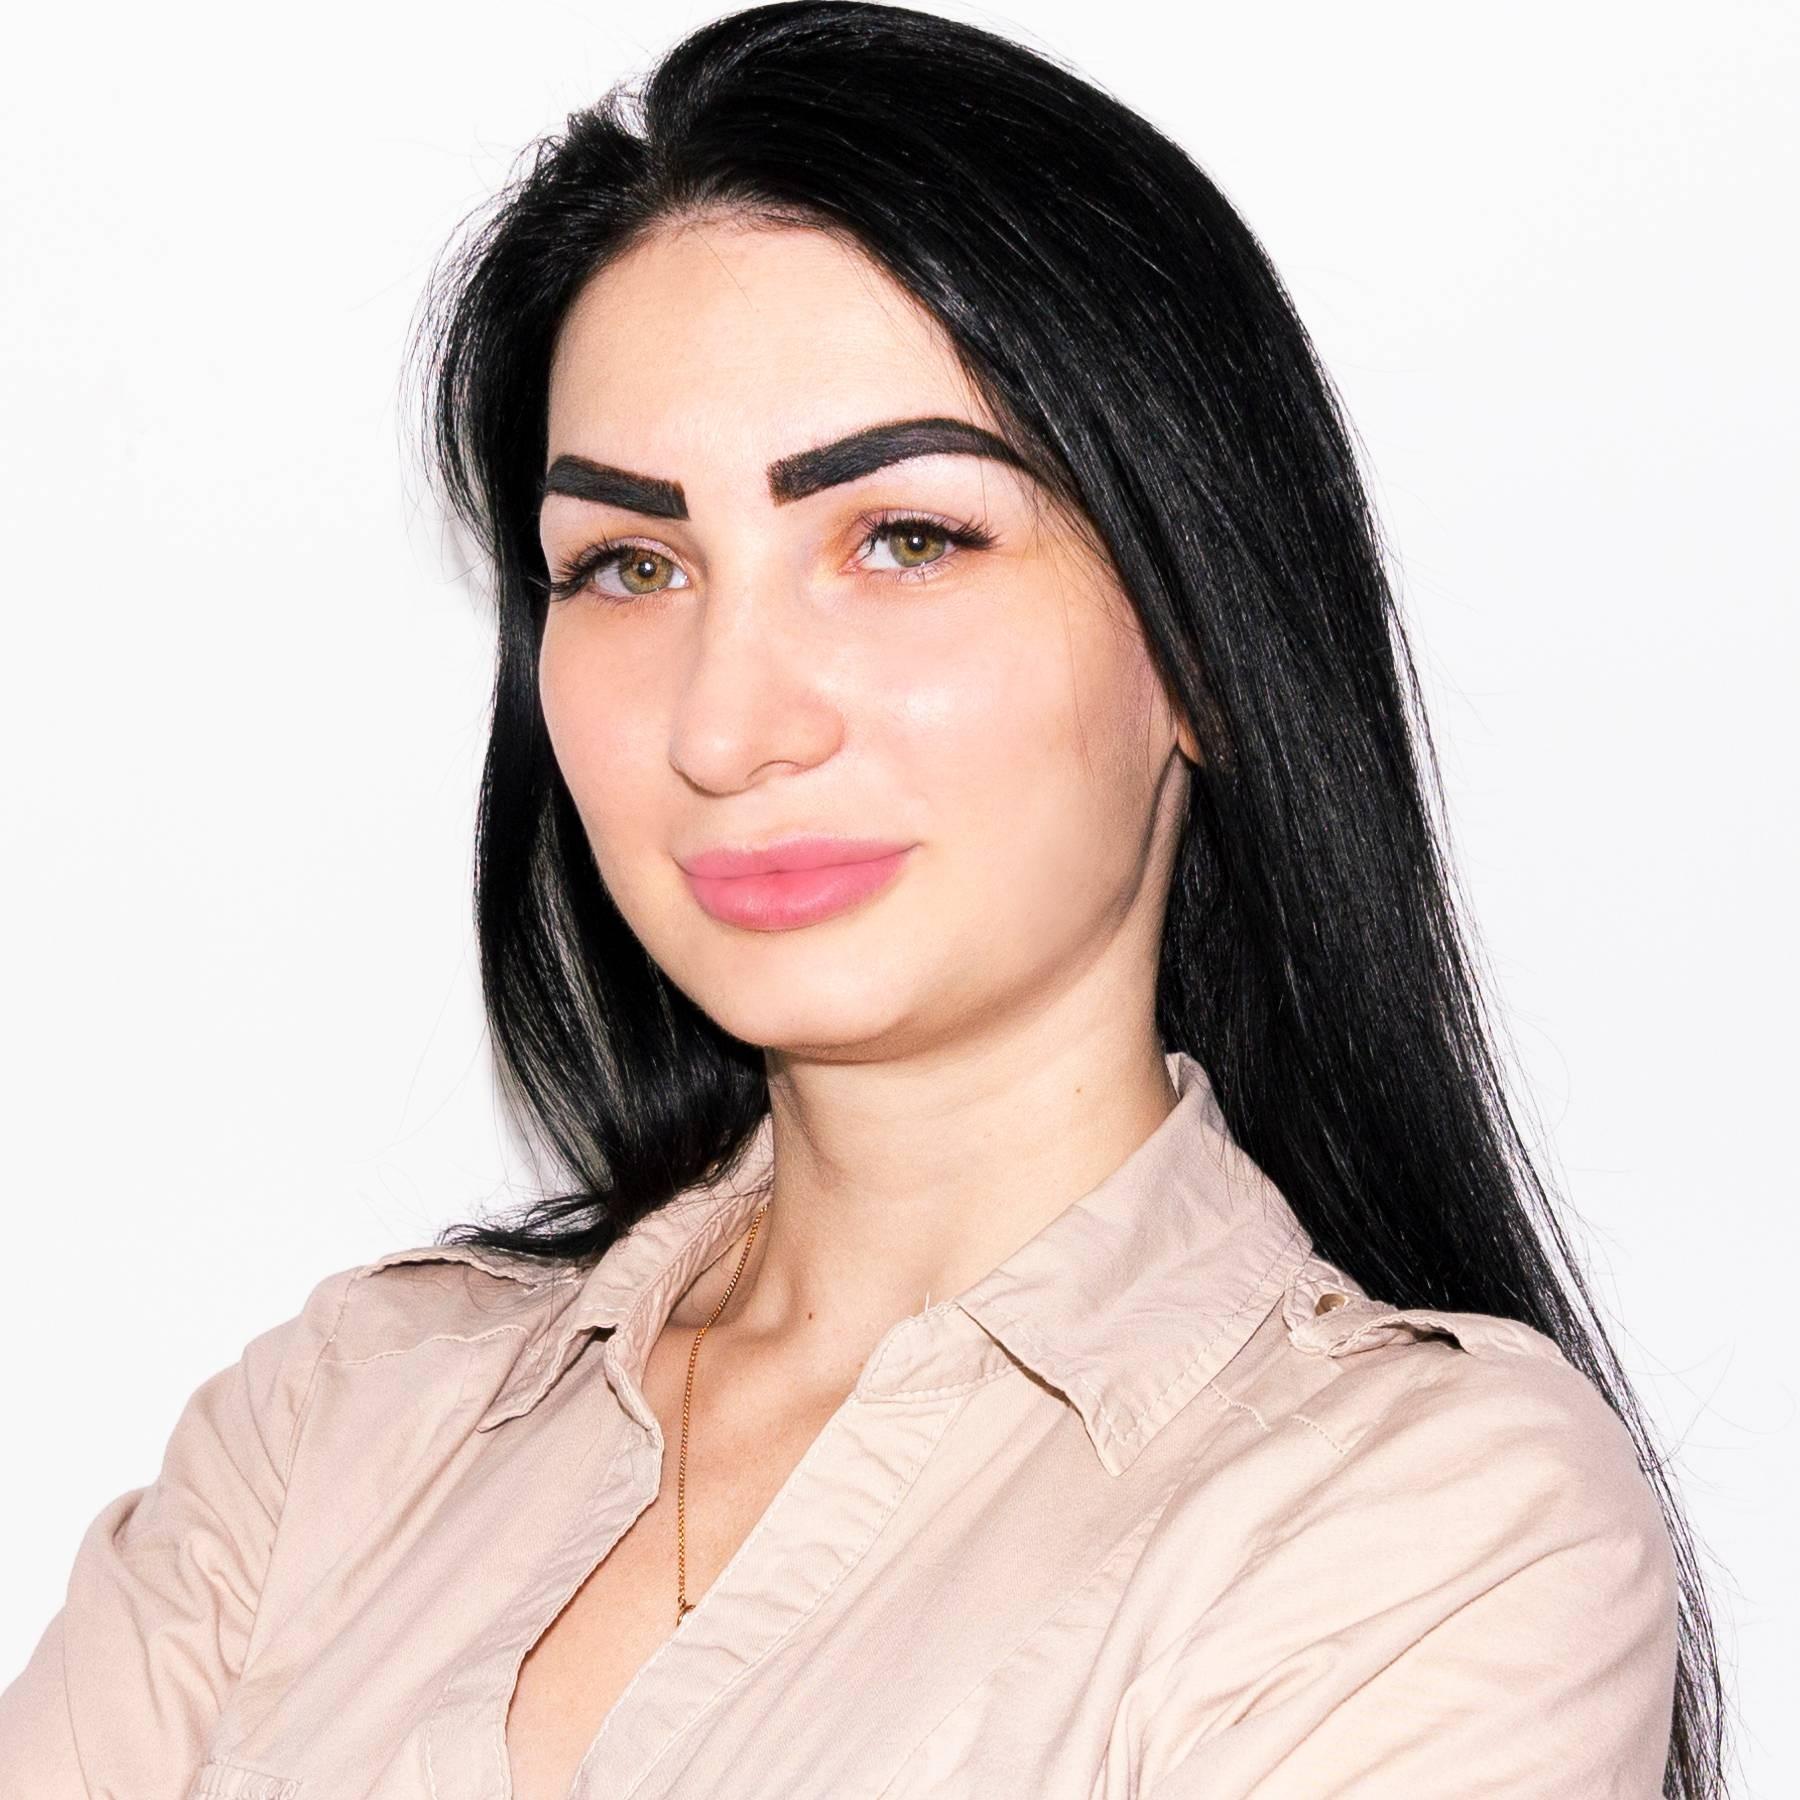 Gulnar Gasimova